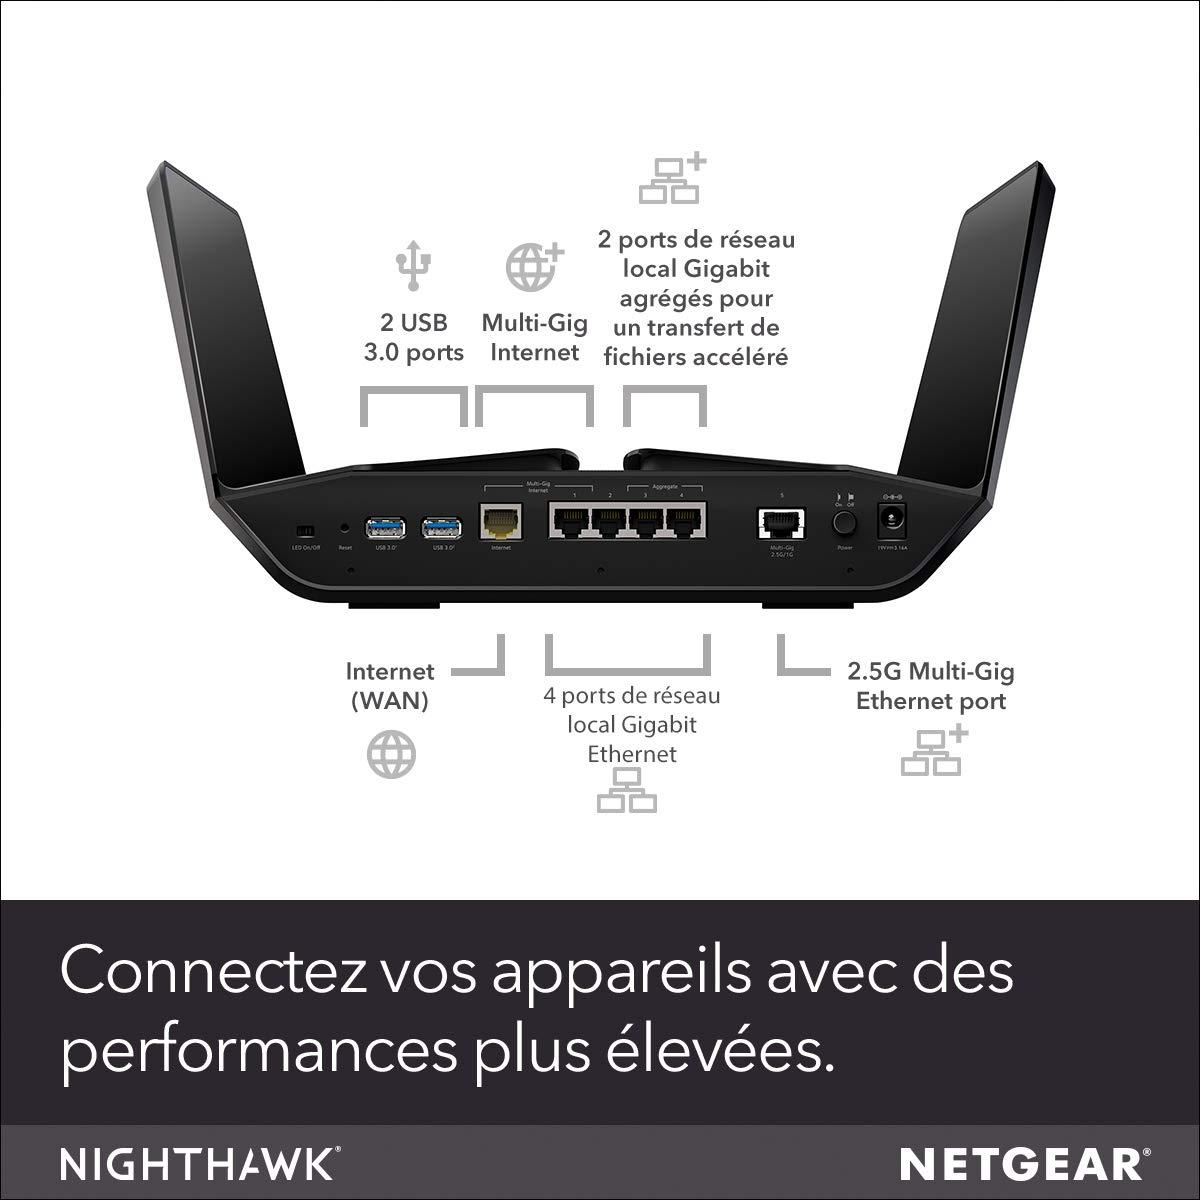 Livebox 5: 2 Gbs sur un seul PC équipé de deux ports Ethernet